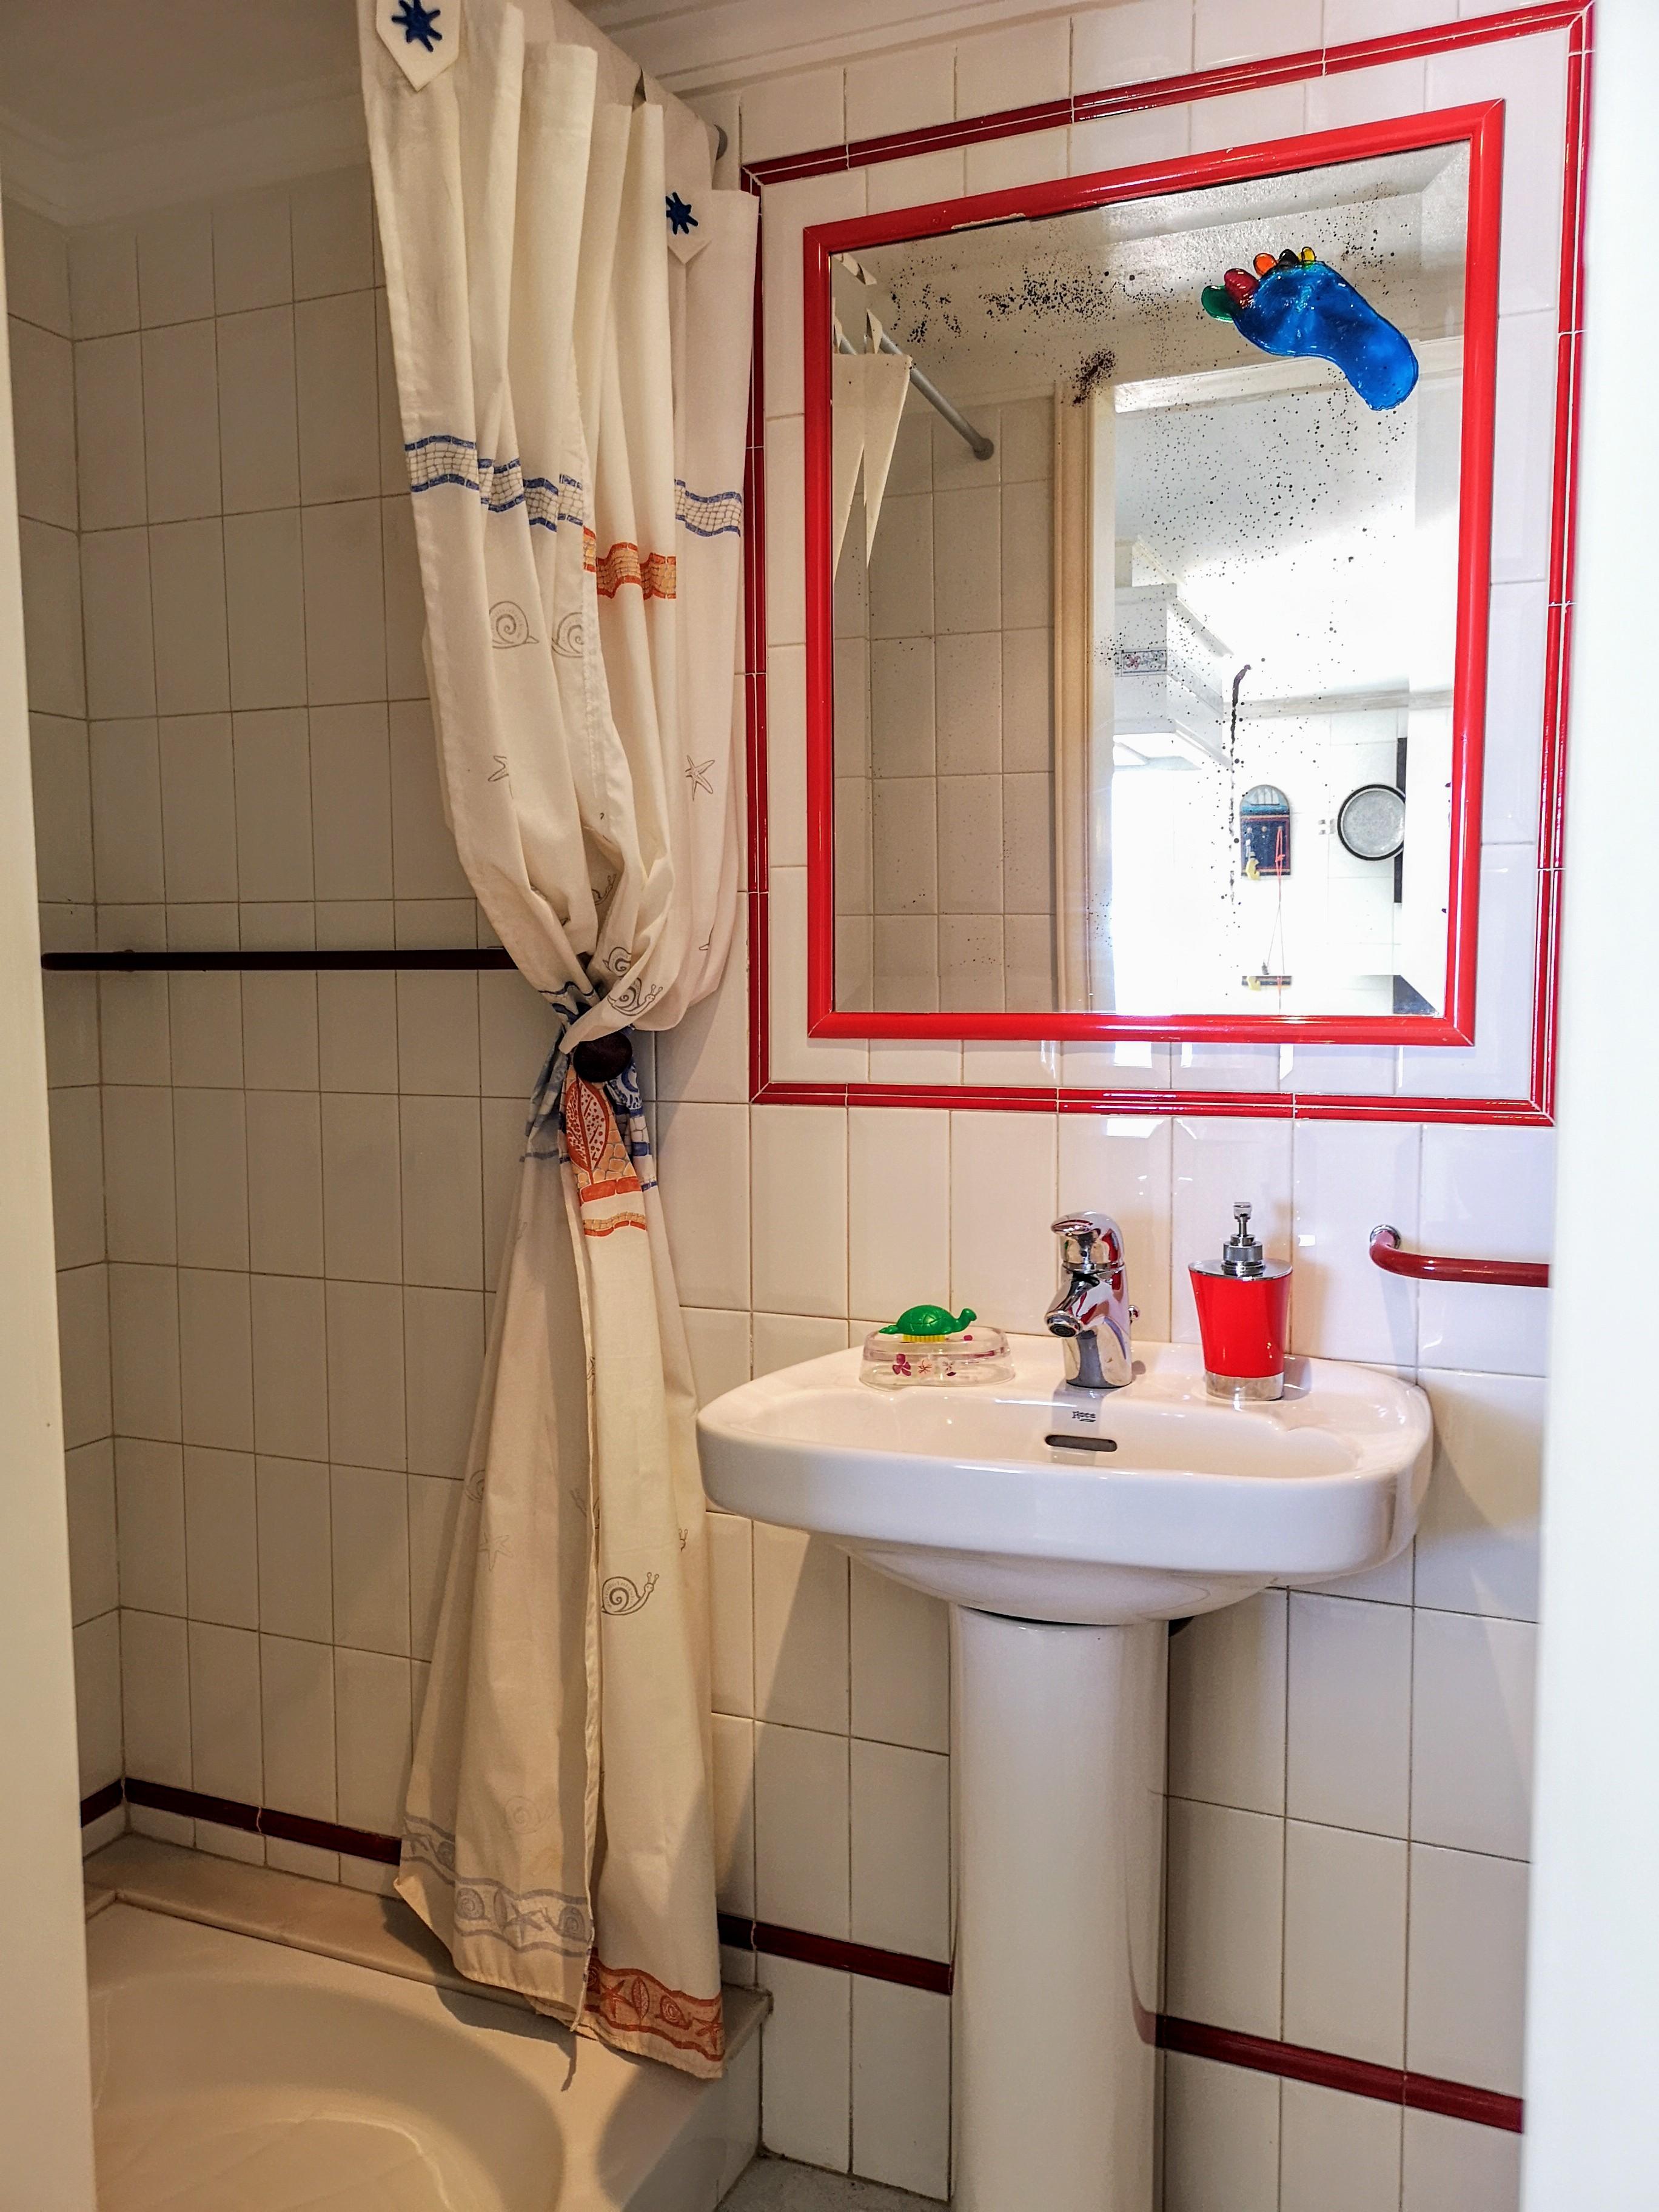 LVC328662 shower room